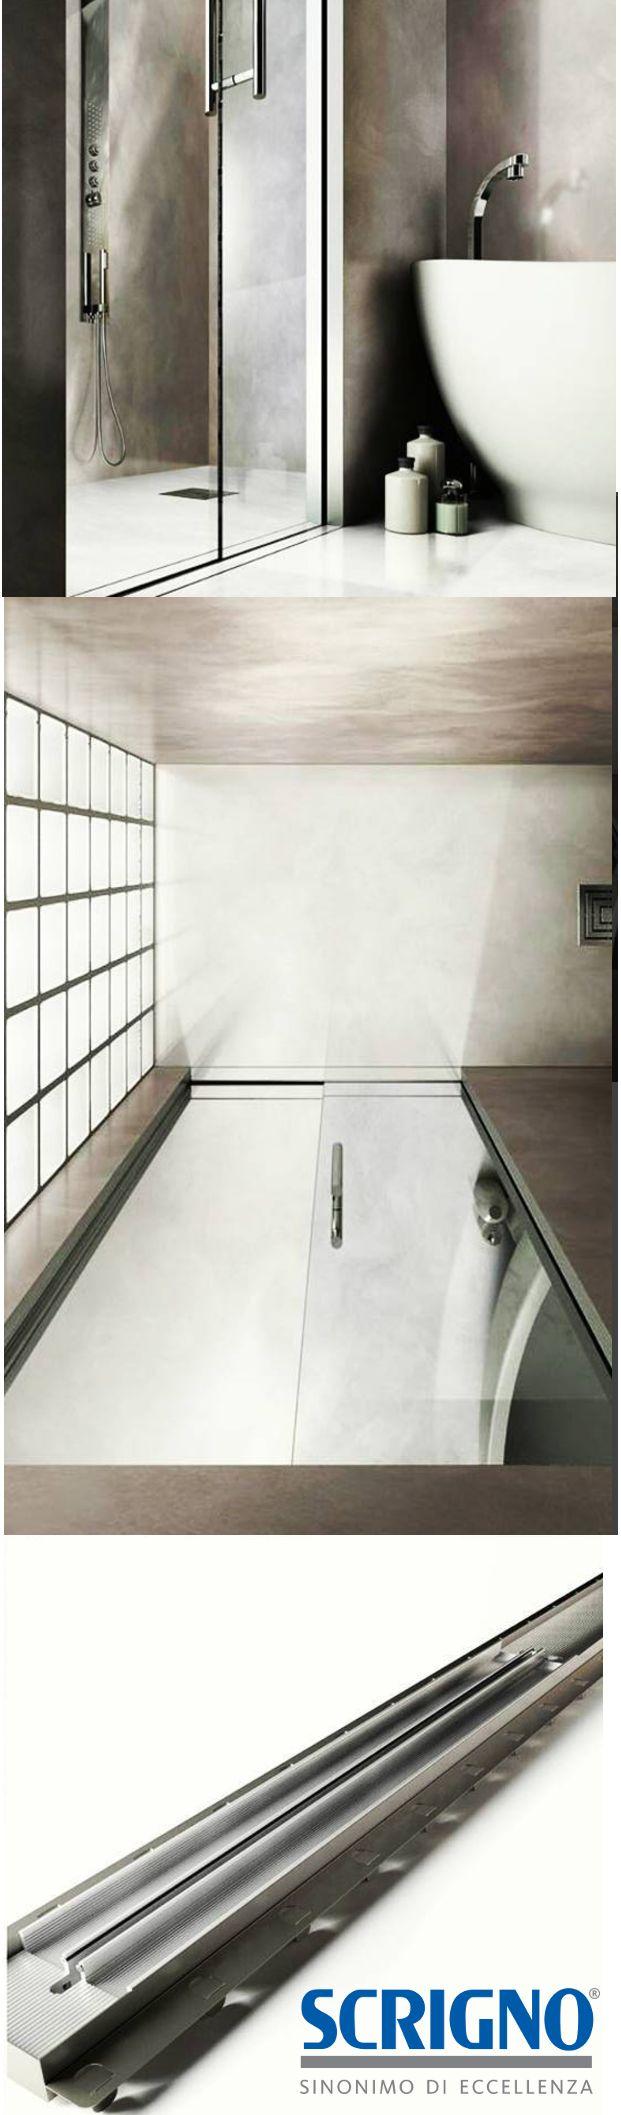 Oltre 20 migliori idee su Design del bagno su Pinterest